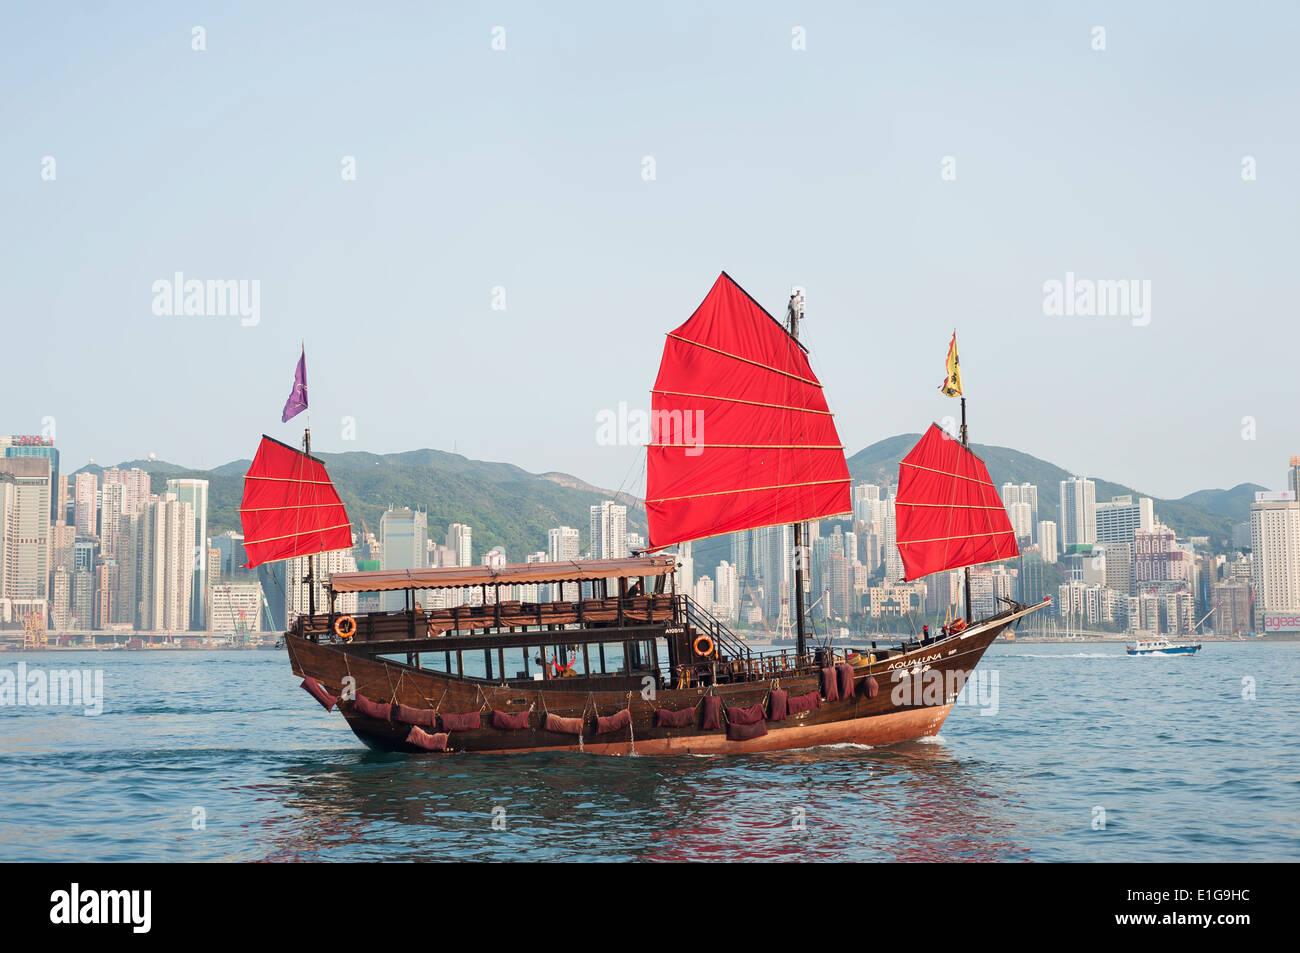 A tourist tour junk crosses Victoria Harbour, Hong Kong - Stock Image